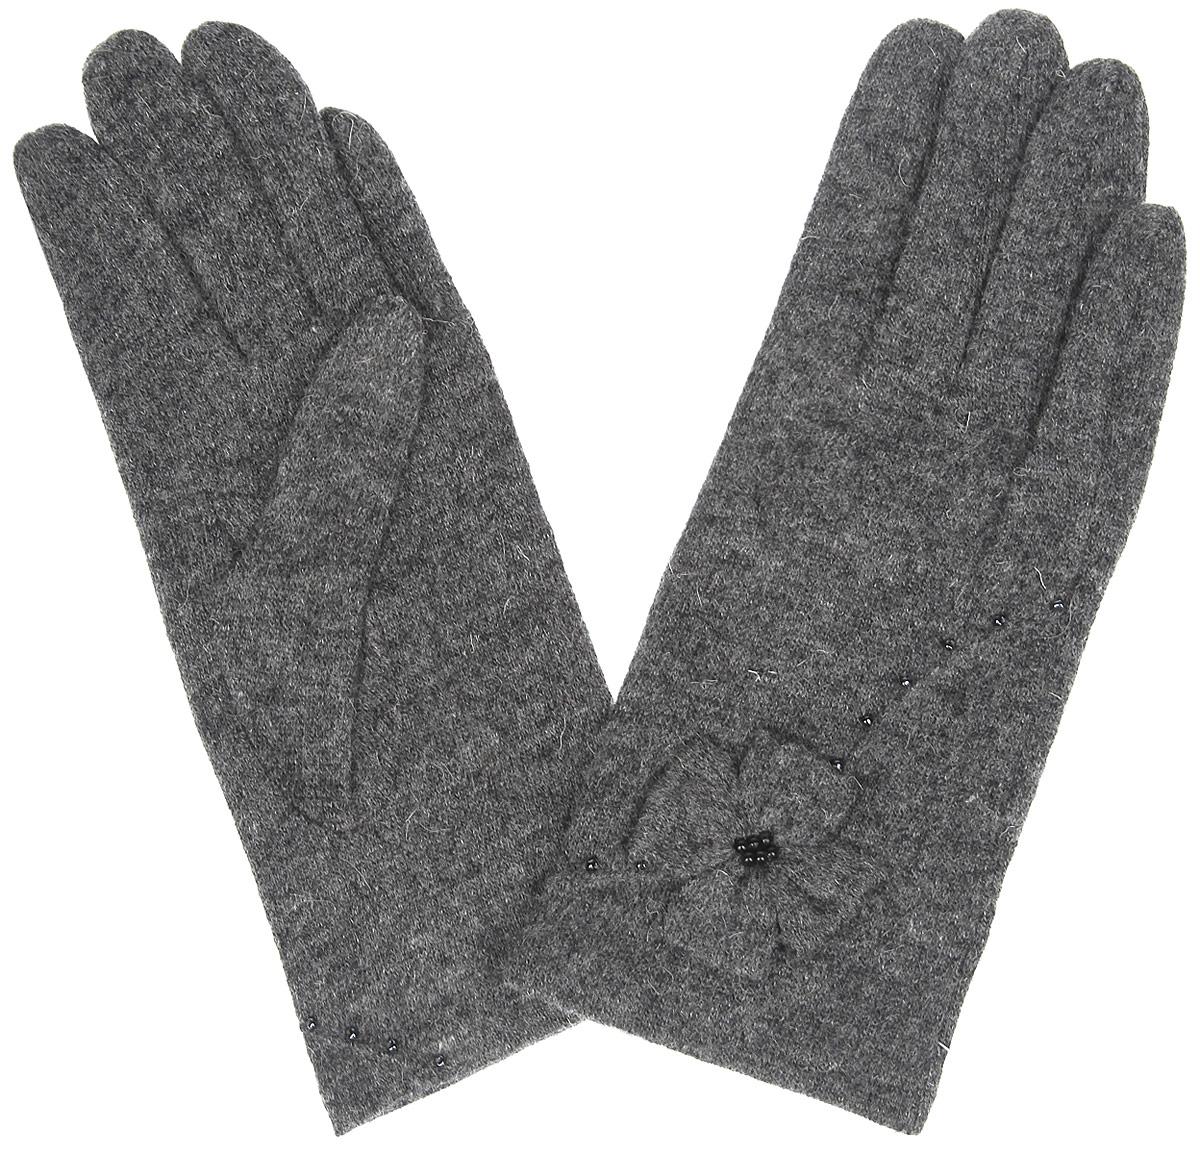 Перчатки женские. LB-PH-30LB-PH-30Женские перчатки Labbra, изготовленные из шерсти с добавлением акрила и ангоры, станут идеальным вариантом для прохладной погоды. Они максимально сохраняют тепло, мягкие, идеально сидят на руке и хорошо тянутся. На лицевой стороне изделие украшено декоративным бантиком и вышивкой из бисера. Перчатки являются неотъемлемой принадлежностью одежды, они станут завершающим и подчеркивающим элементом вашего неповторимого стиля и индивидуальности.